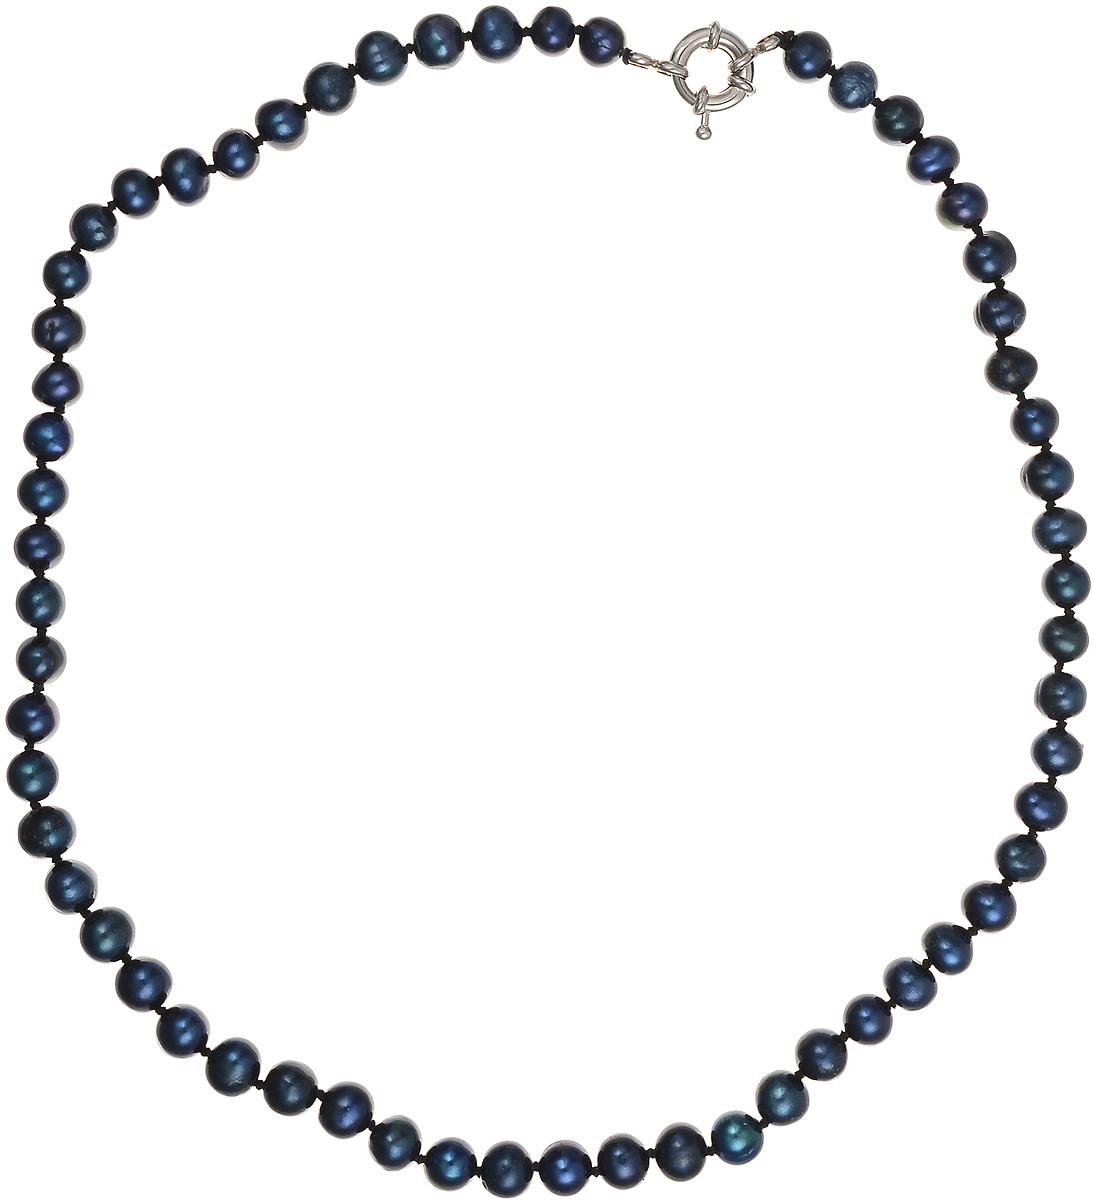 Бусы Art-Silver, цвет: синий, длина 45 см. КЖ7-8А+45-537КЖ7-8А+45-537Бусы Art-Silver подчеркнут изящество и непревзойденный вкус своей обладательницы. Они выполнены из бижутерного сплава и культивированного жемчуга диаметром 7 мм. Изделие оснащено удобным замком-карабином. Культивированный жемчуг — это практичный аналог природного жемчуга. Бусинки из прессованных раковин помещаются внутрь устрицы и возвращаются в воду. Когда бусины покрываются перламутром, их извлекают из моллюска. Форма жемчужины получается идеально ровной с приятным матовым блеском.